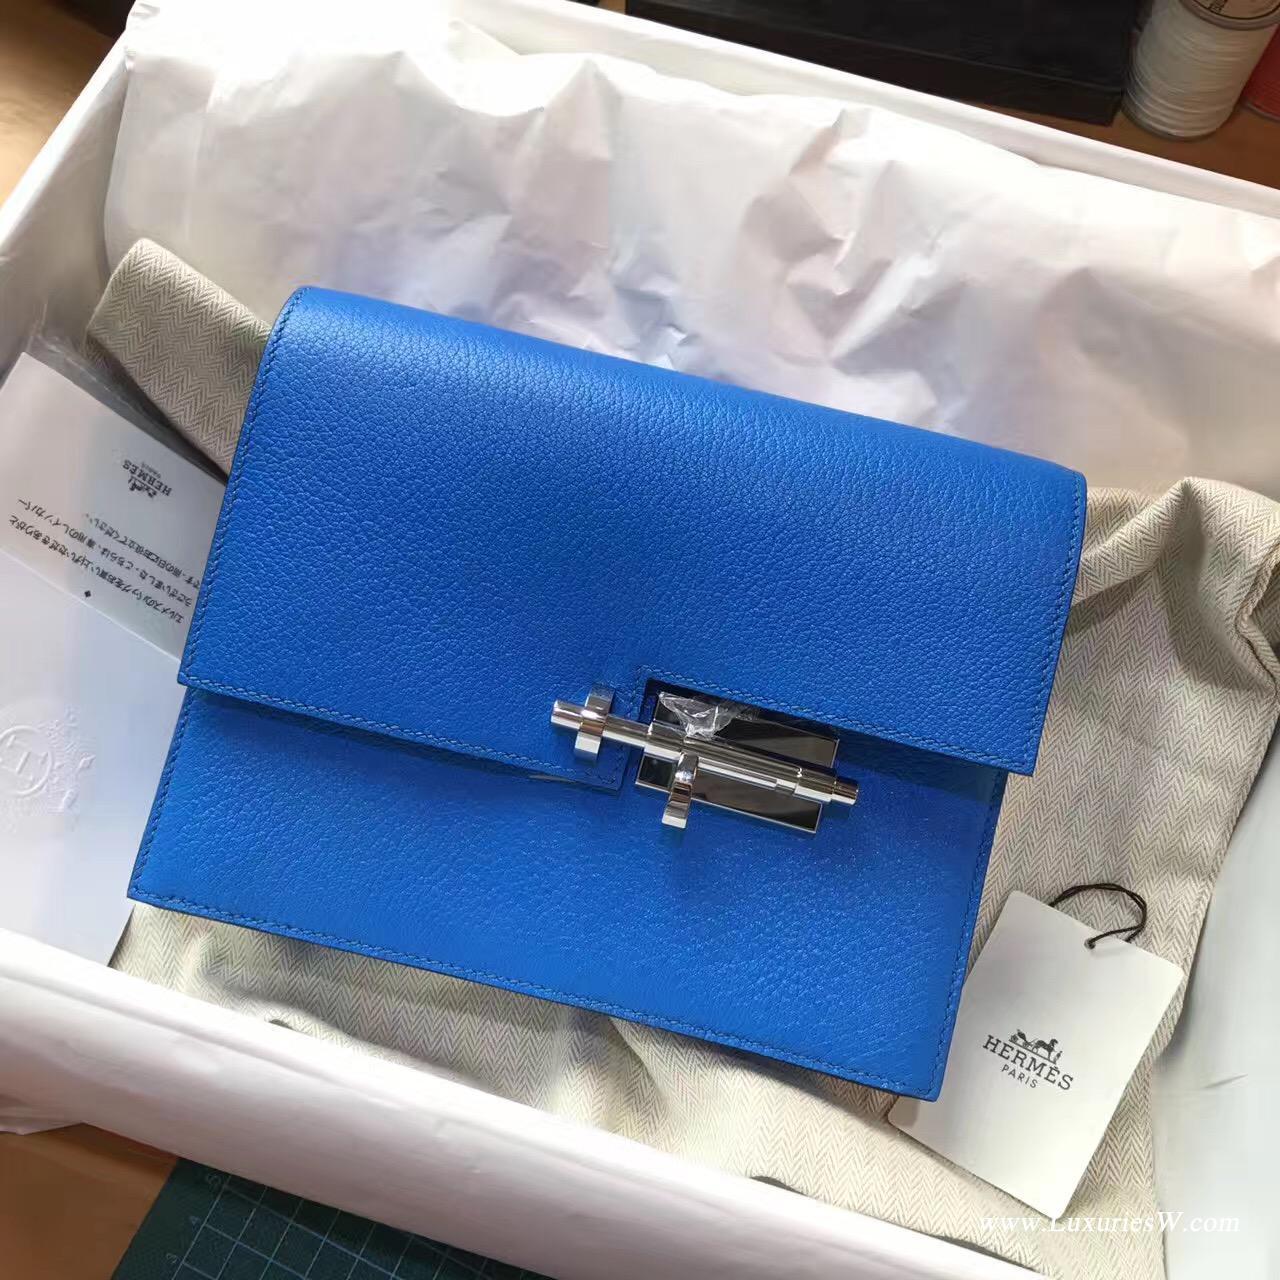 愛馬仕 Verrou Chaine bag 手包最新款手包 T7 Blue Hydra水妖藍